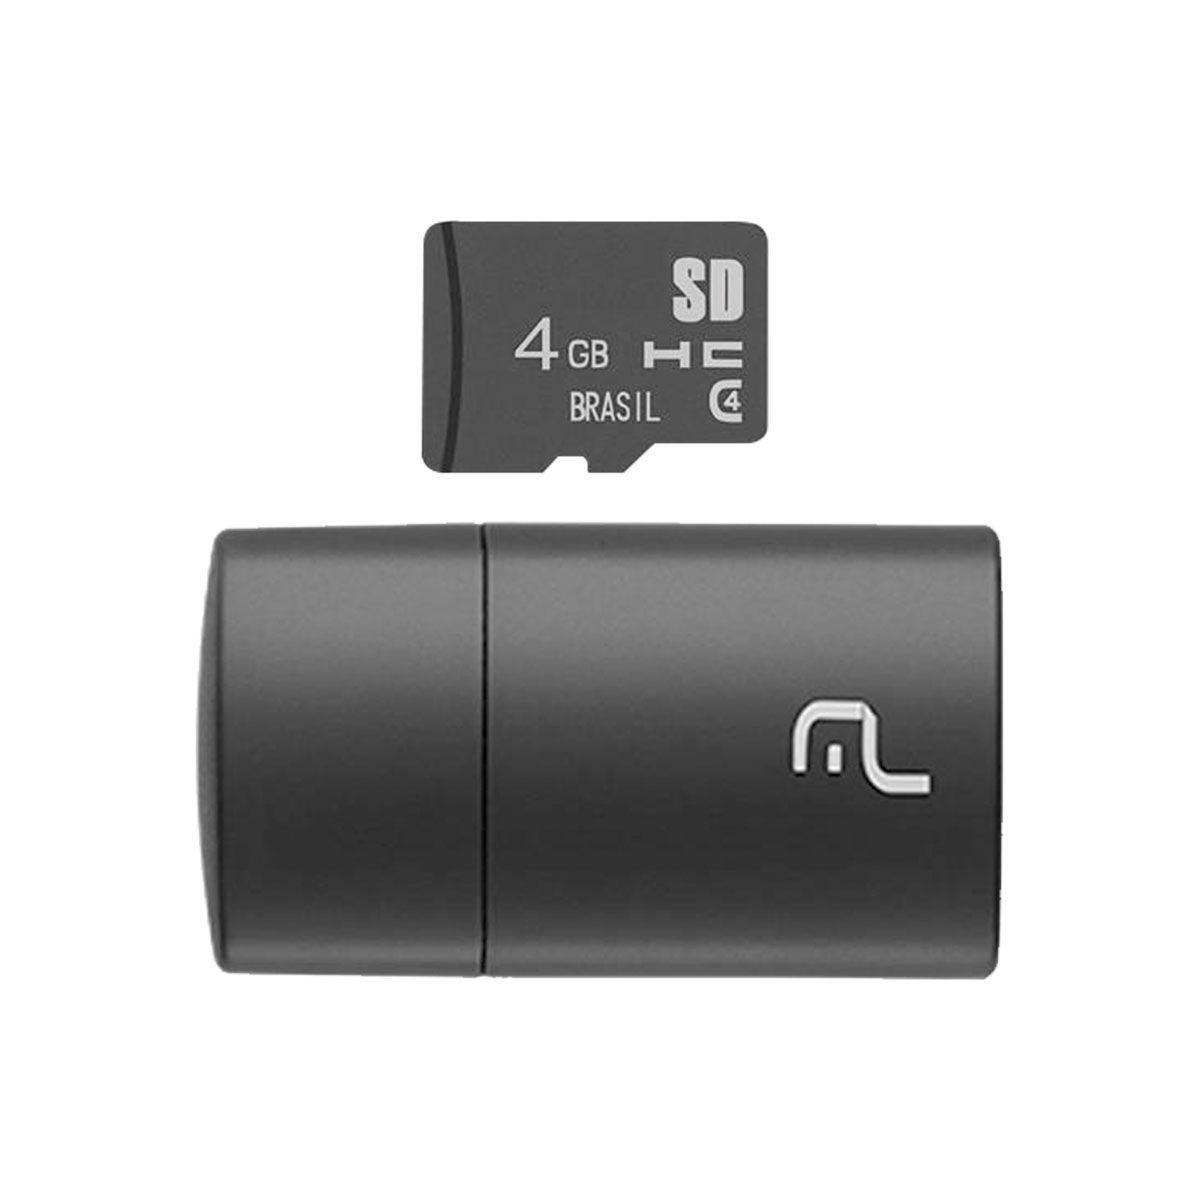 CARTÃO MICRO SD 4GB COM LEITOR USB CLASSE 4